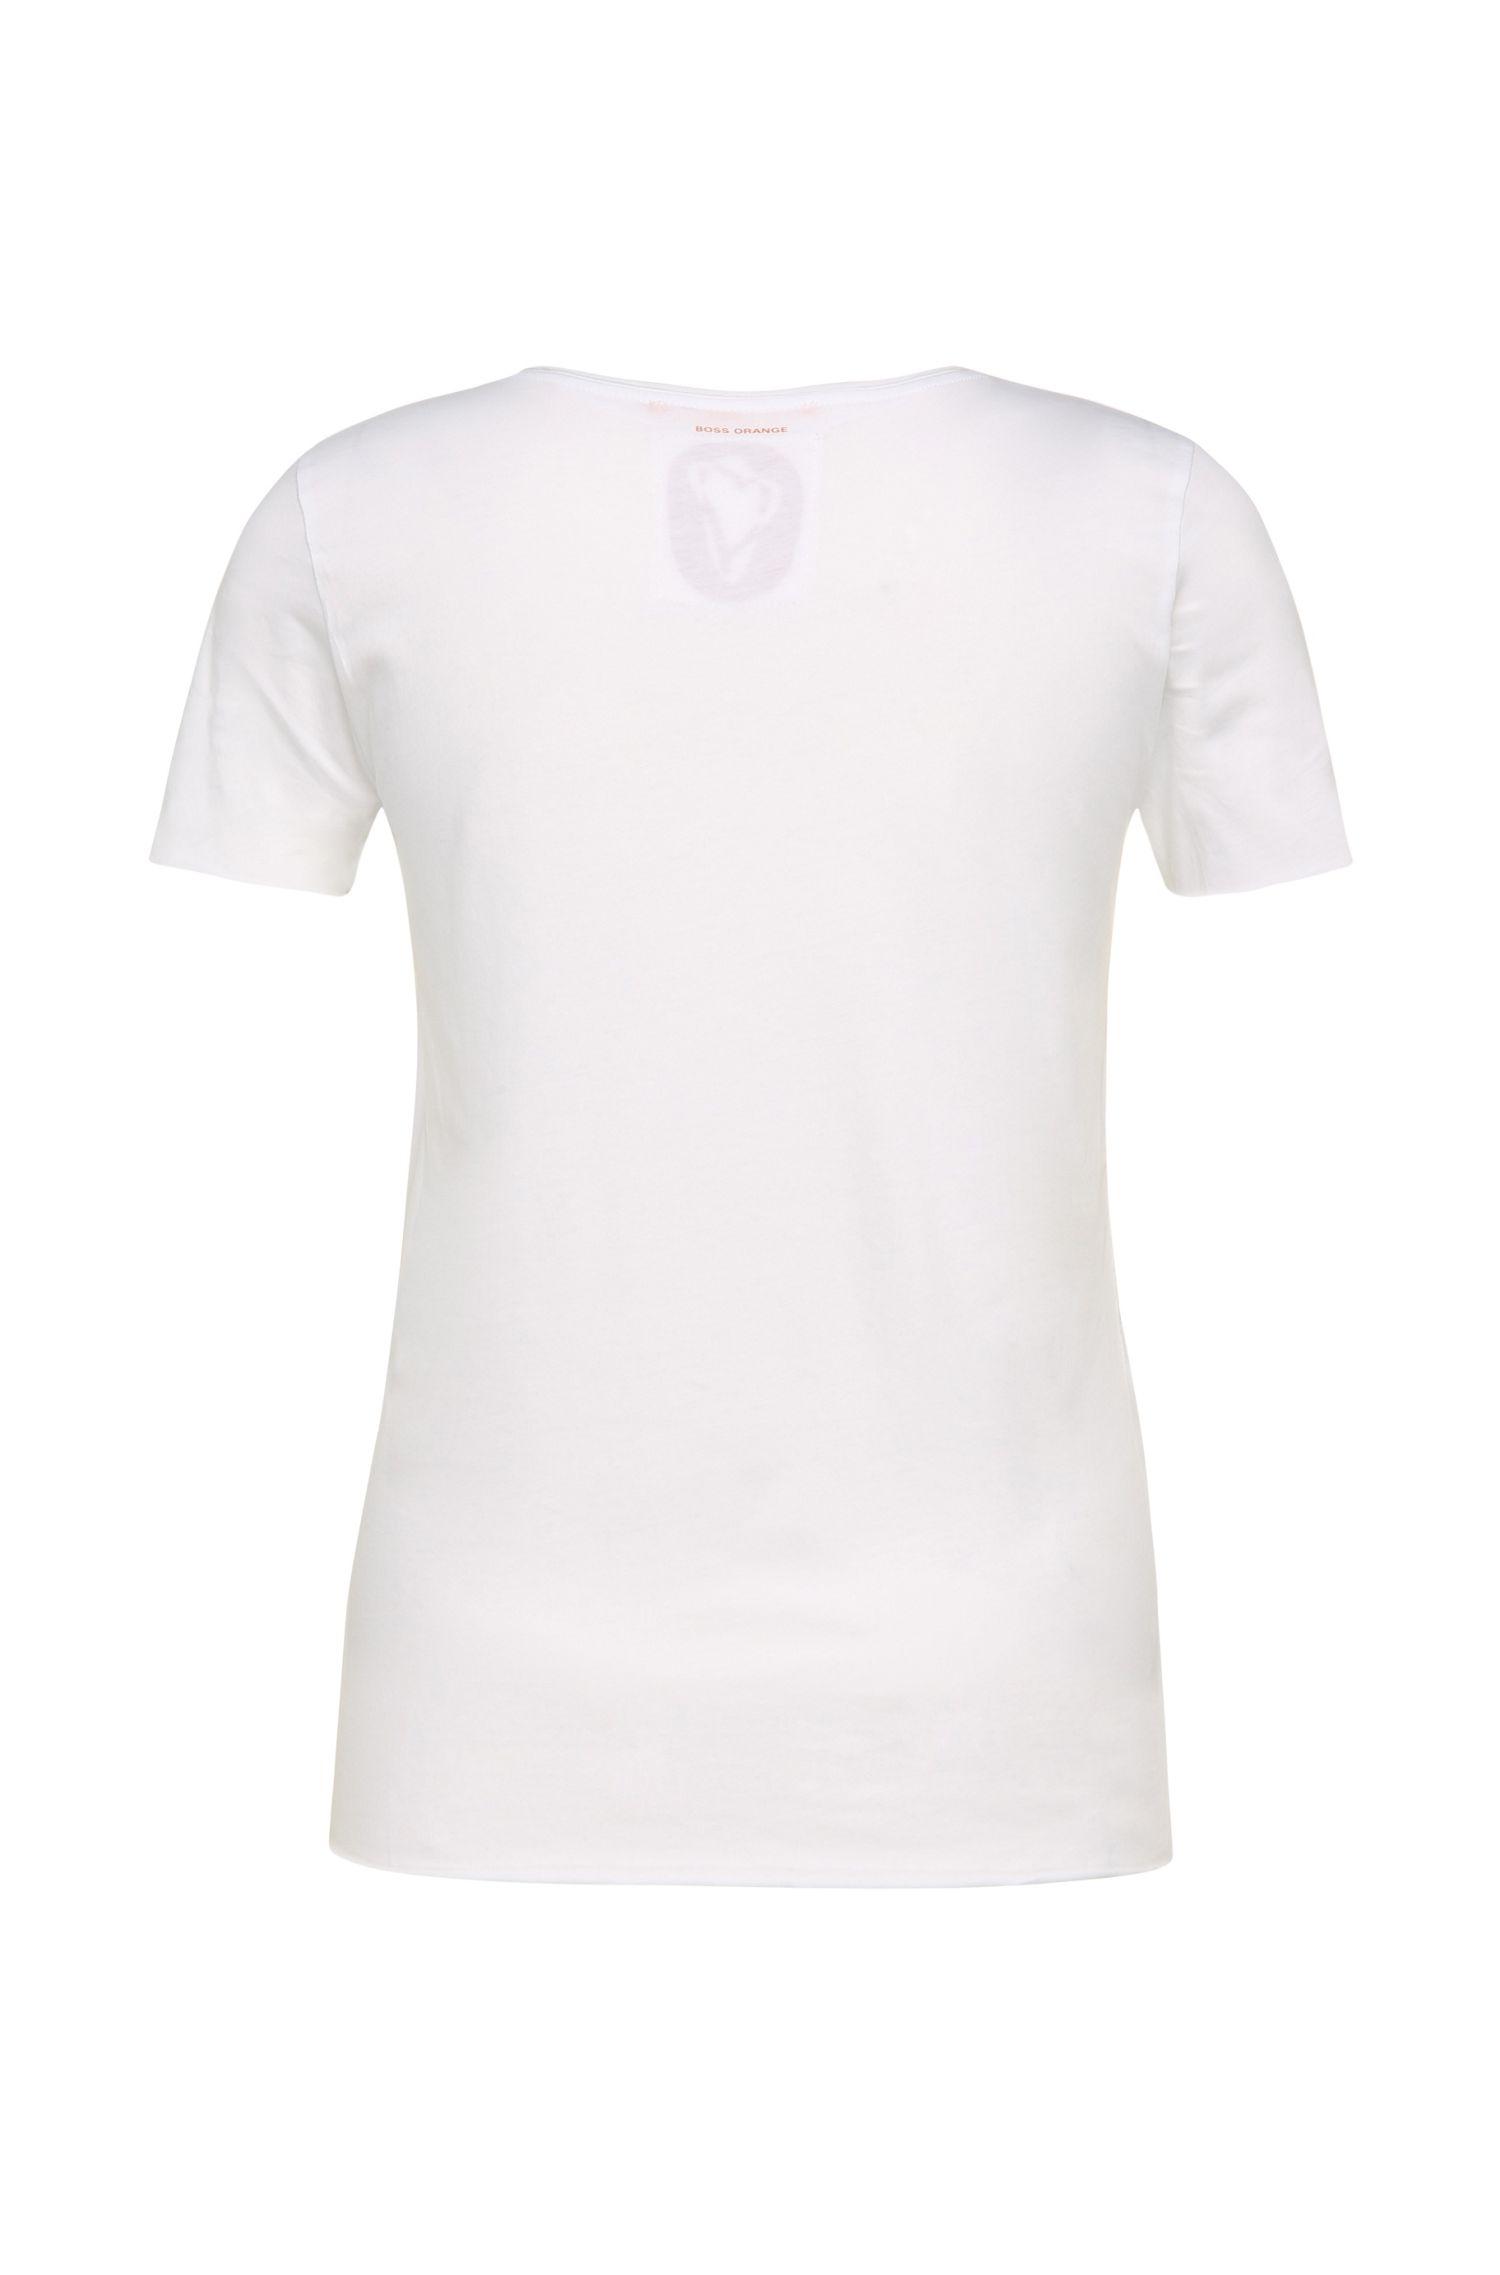 T-shirt Slim Fit en coton, avec imprimé sur le devant: «Tishirt»